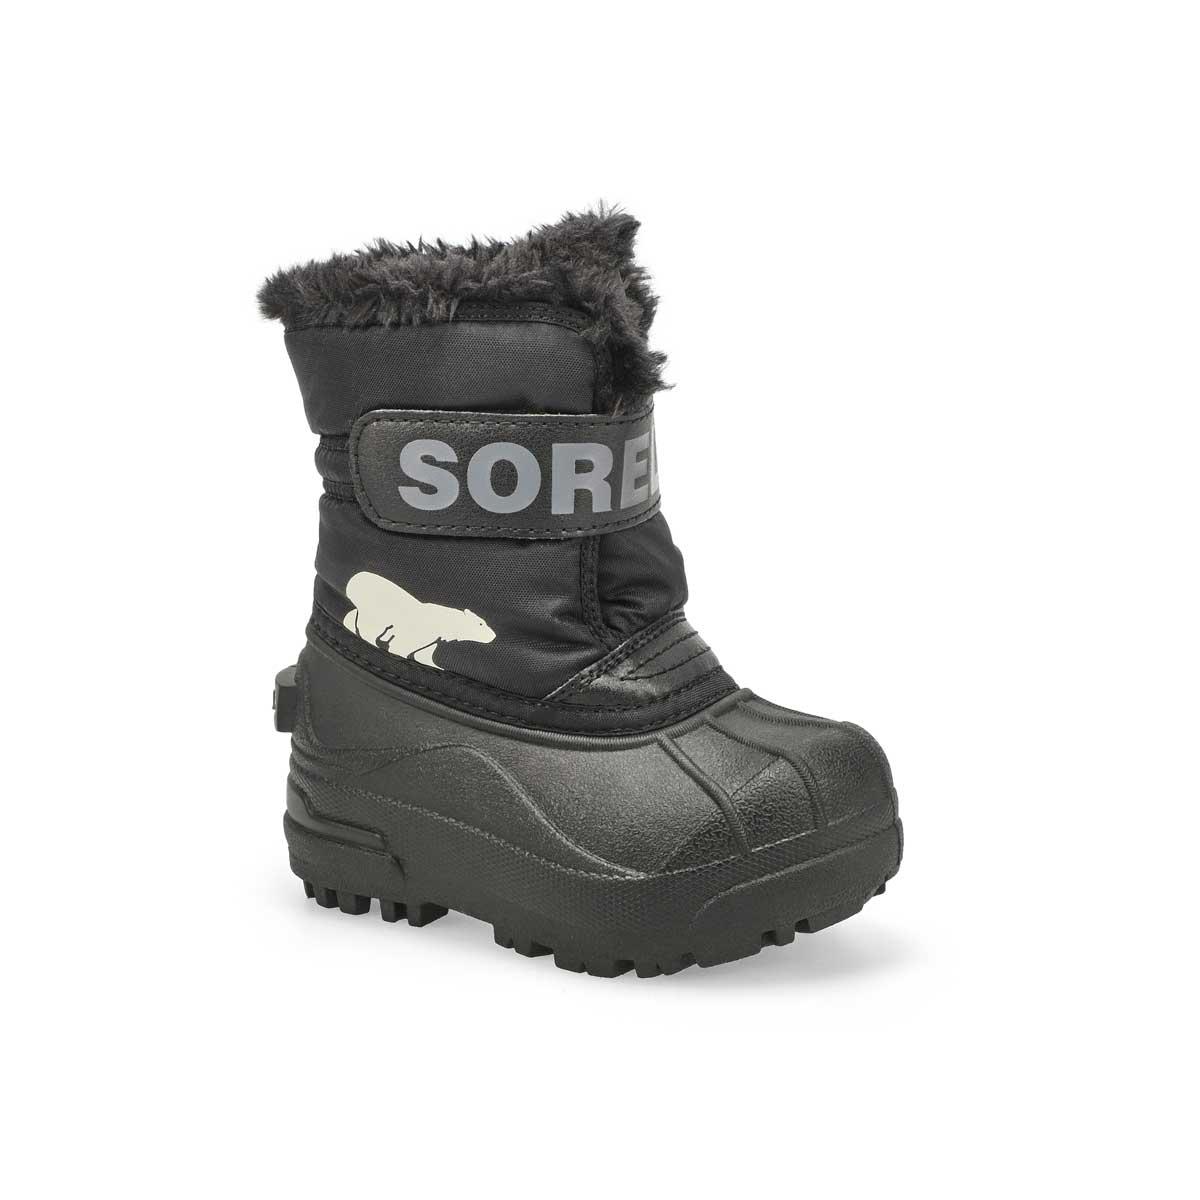 Infs Snow Commander blk/char boot